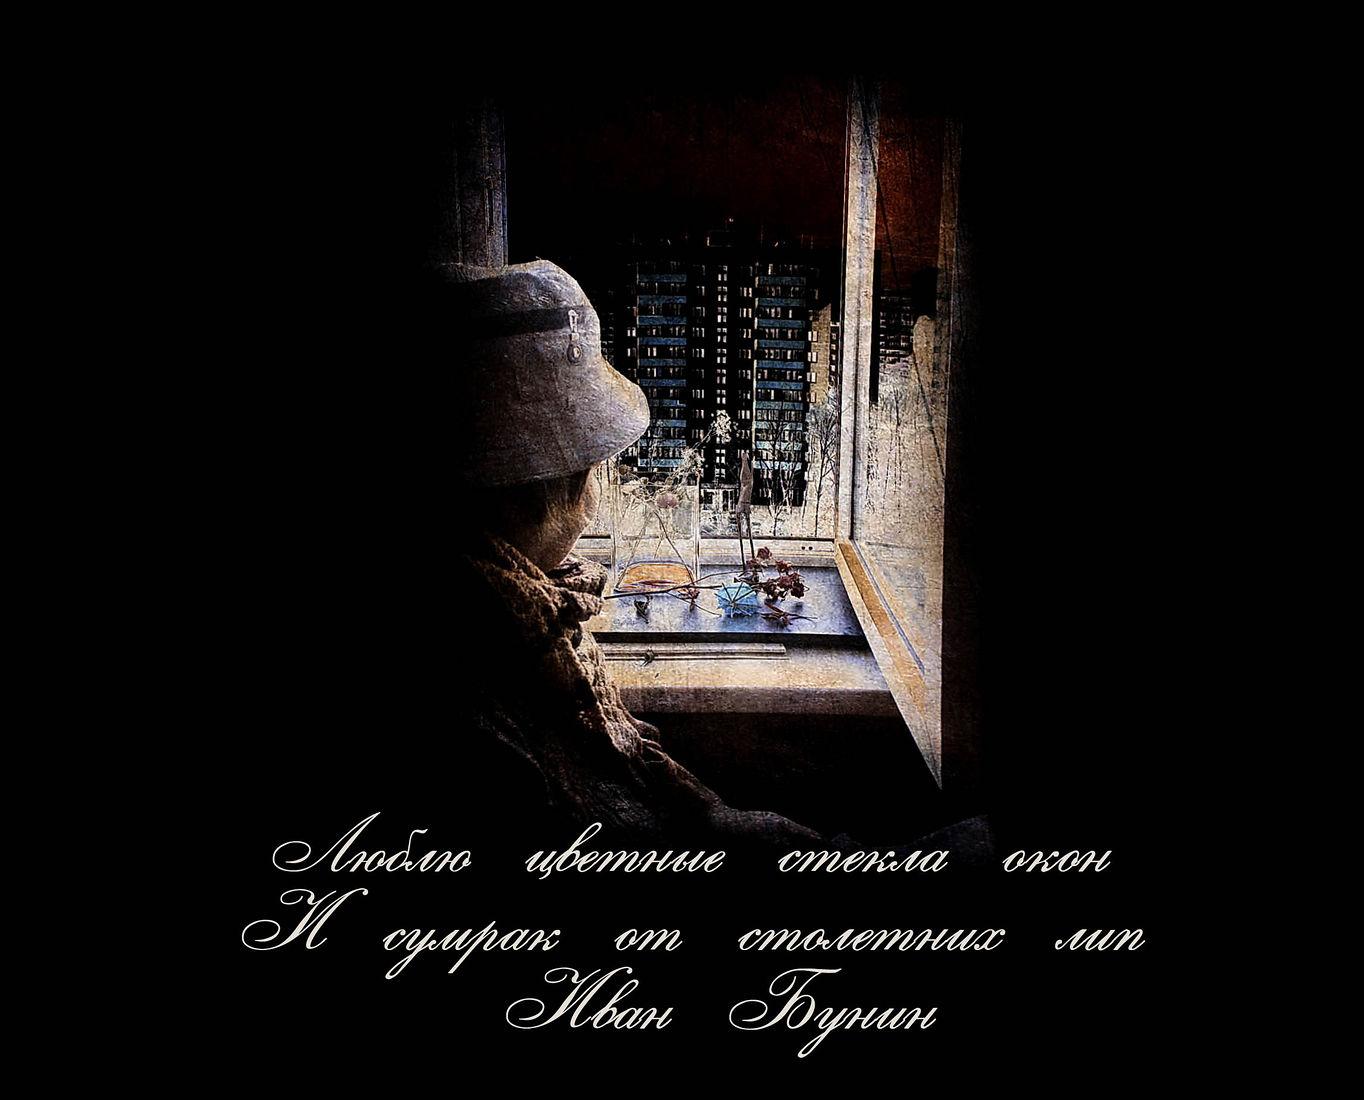 Елена Тарзиманова. Фотографии выполненные с применением техники нестандартных фильтров